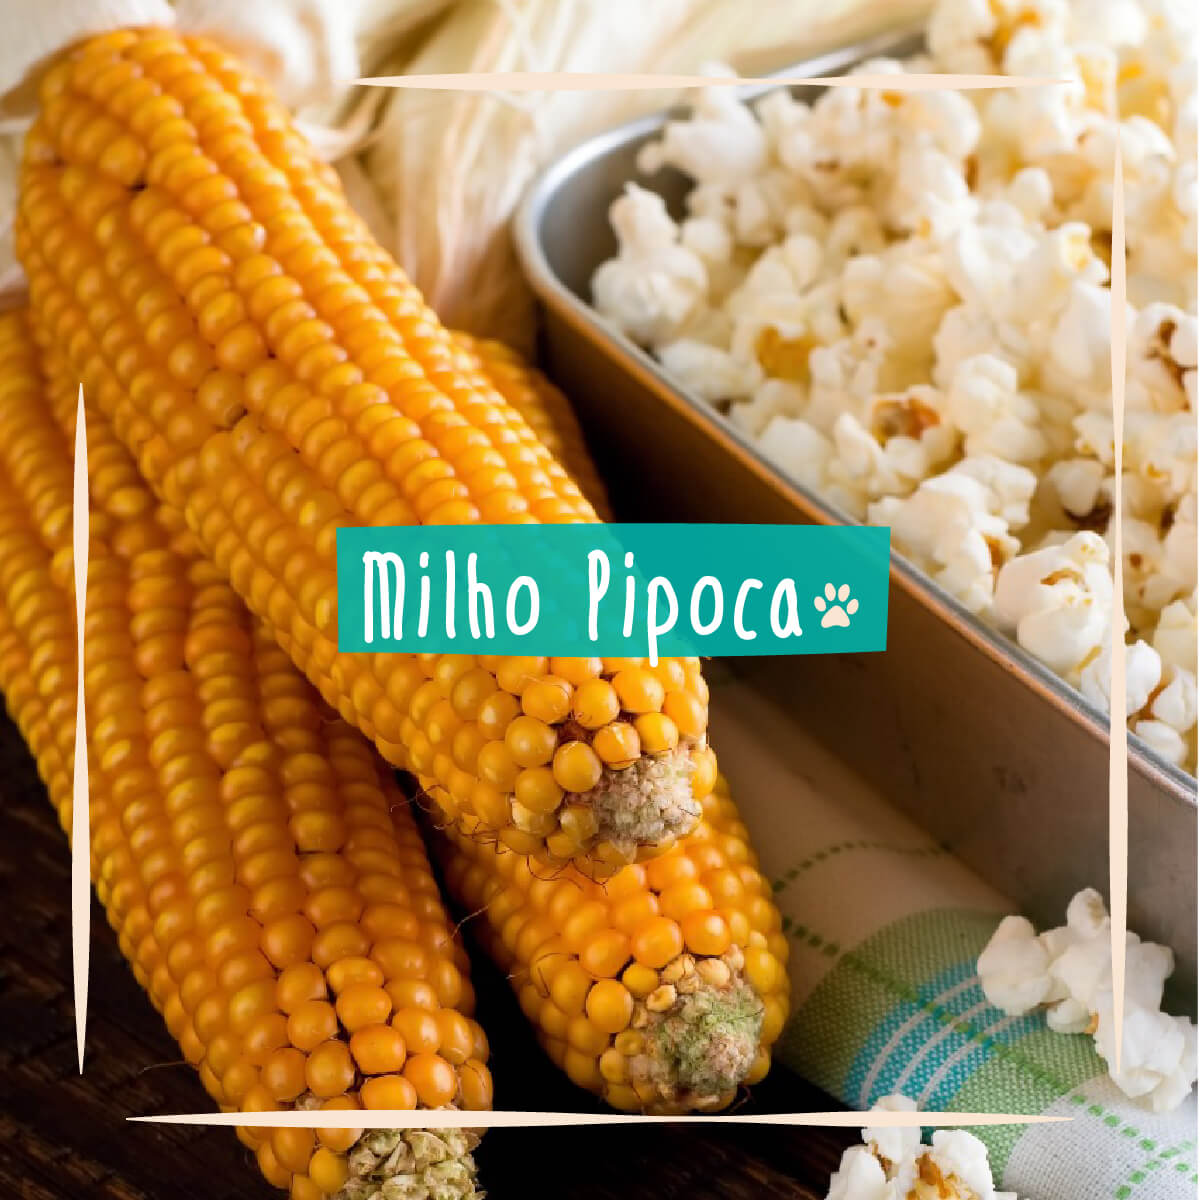 Sementes para plantar Milho Pipoca em vasos autoirrigáveis RAIZ  - Vasos Raiz Loja Oficial